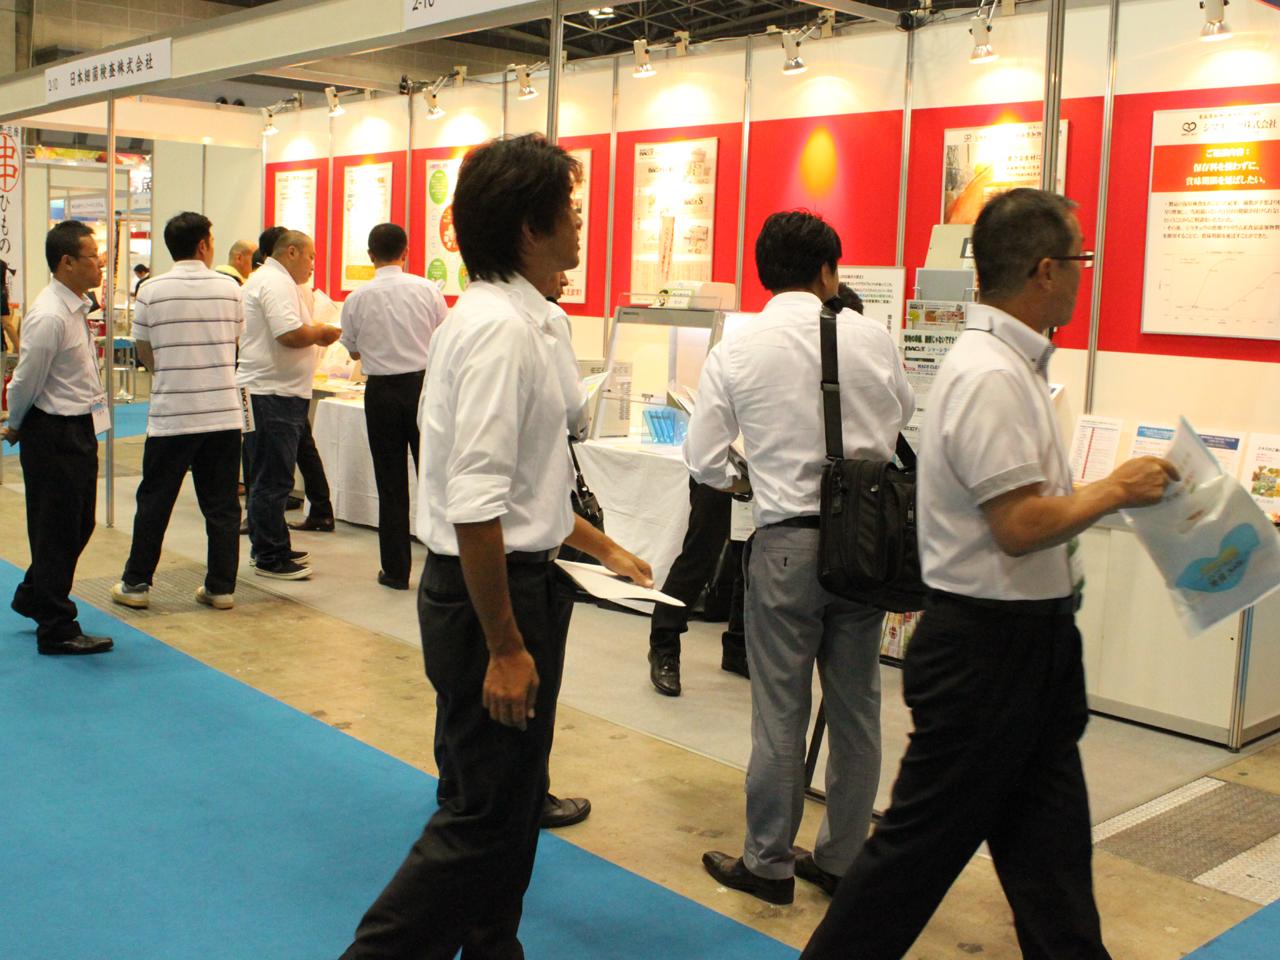 第15回ジャパン・インターナショナル・シーフードショー/The 15th Japan International Seafood & Technology Expo